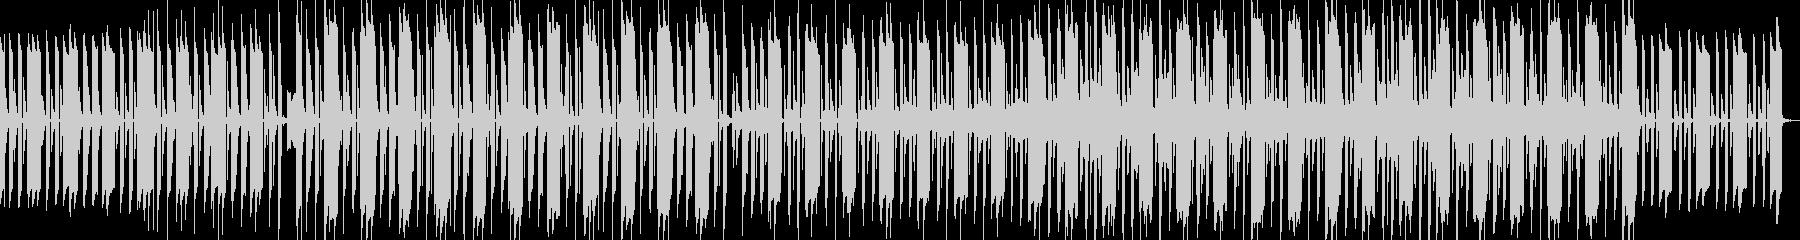 ほのぼのした可愛い曲の未再生の波形